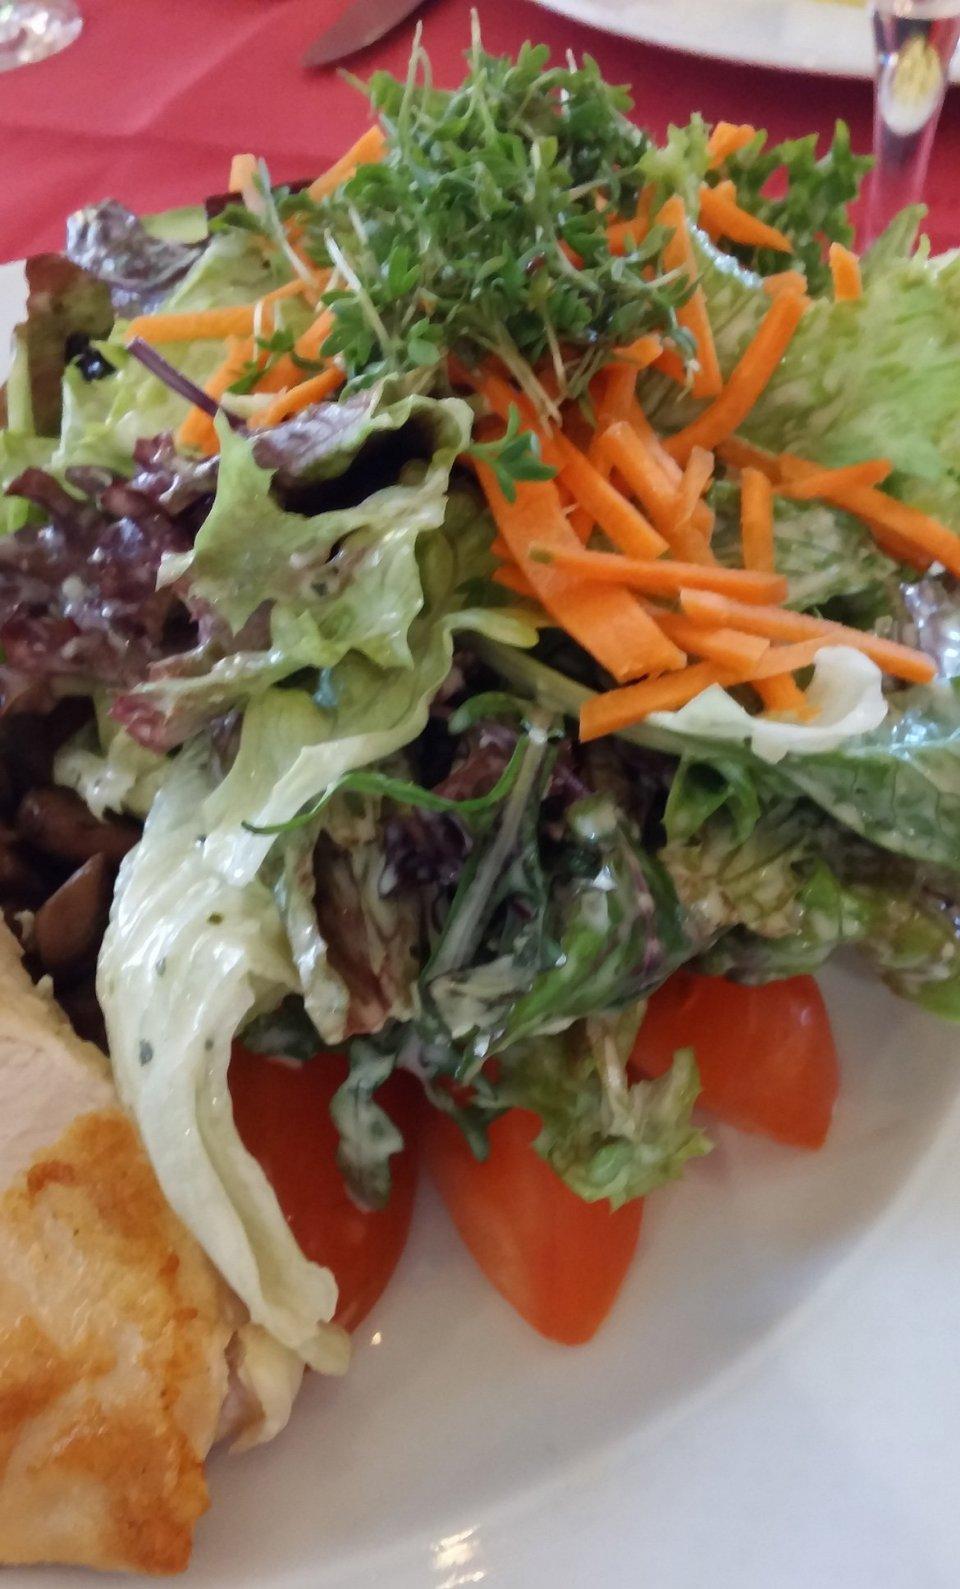 Es schien mir - angesichts der Aussichten auf das Abendessen im Lösch für Freunde, ratsam mittags nur einen Salat zu essen. ;-)